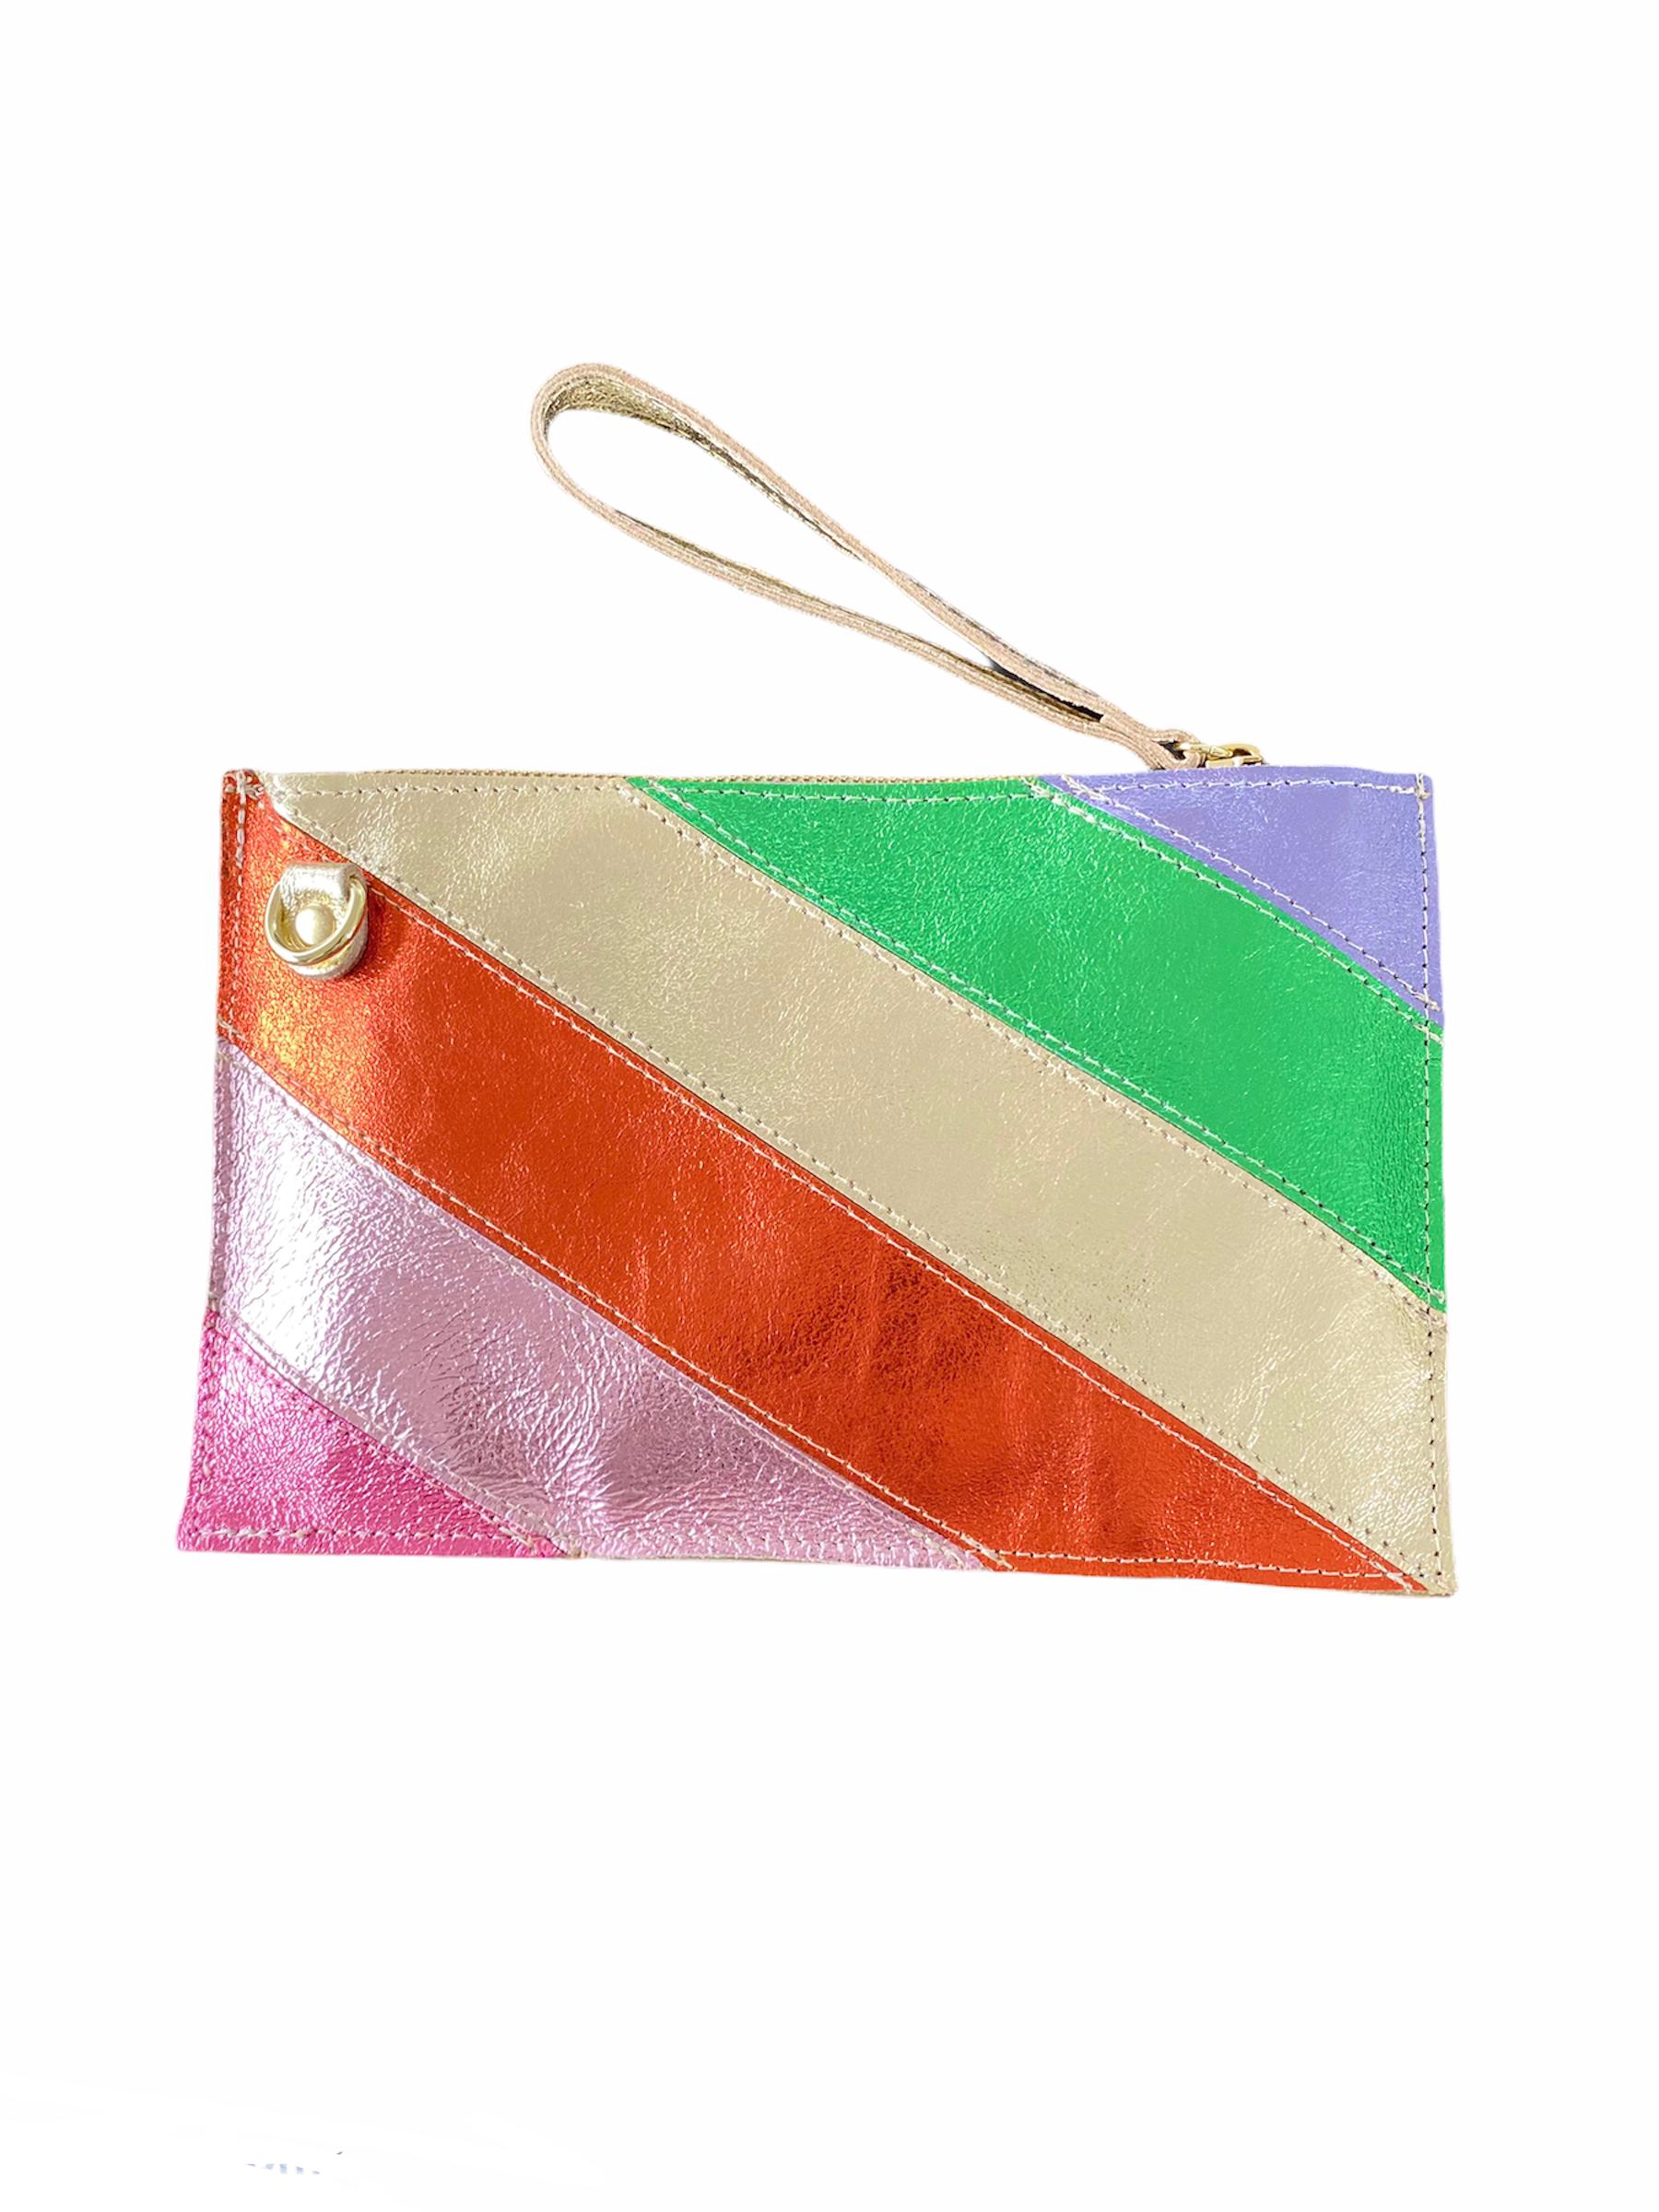 Leren-Clutch-Metallic-Rainbow-goud-roze oranje--groen-look-a-like-it-bags-regenboogkleuren-giuliano-bestellen-kopen